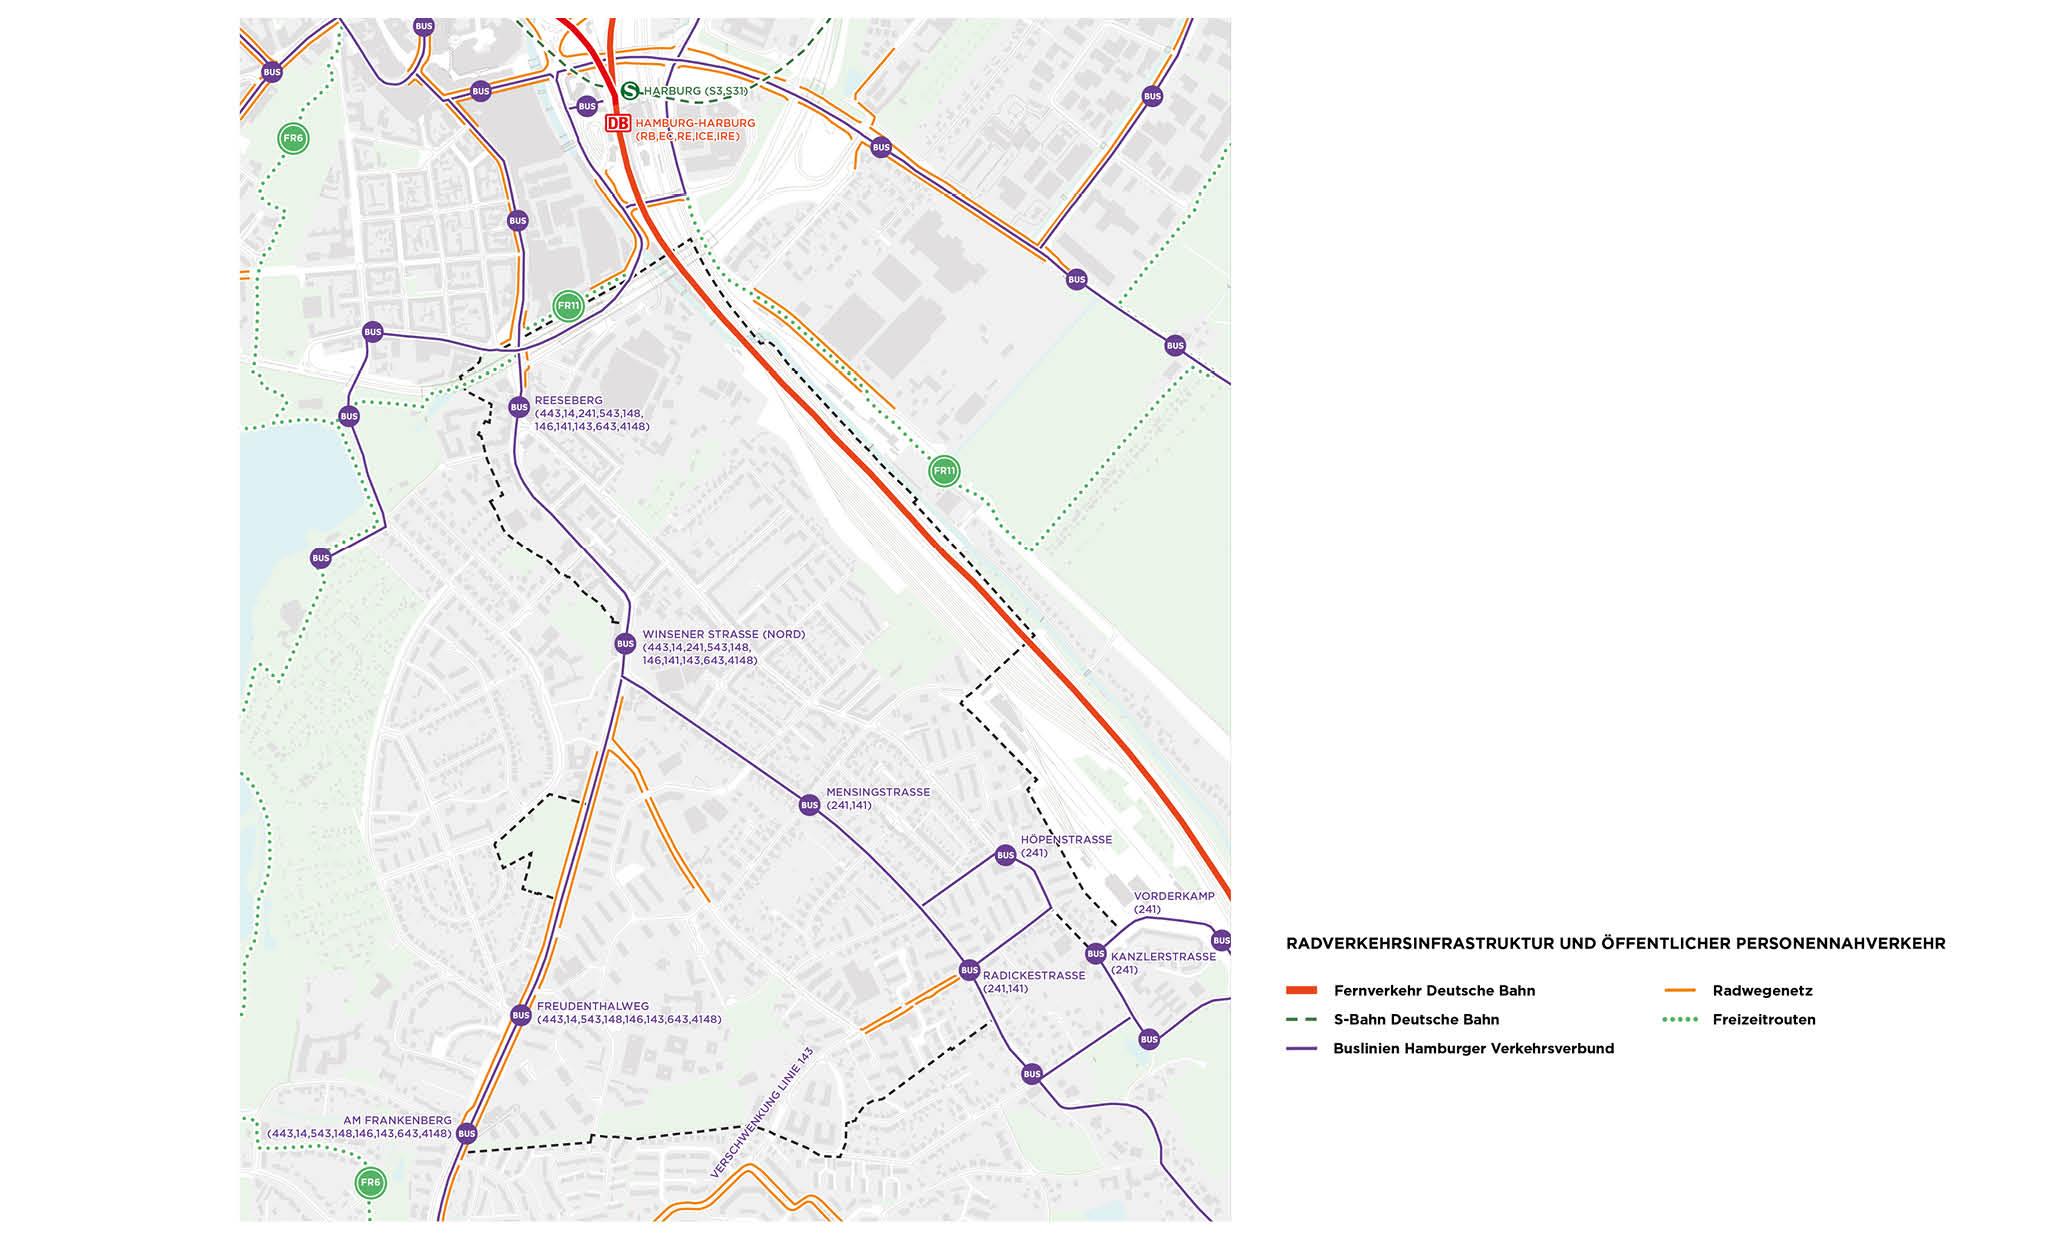 PPA Wilstorf ÖPNV Bus Bahn Radverkehr Haltestellen Routen Karte